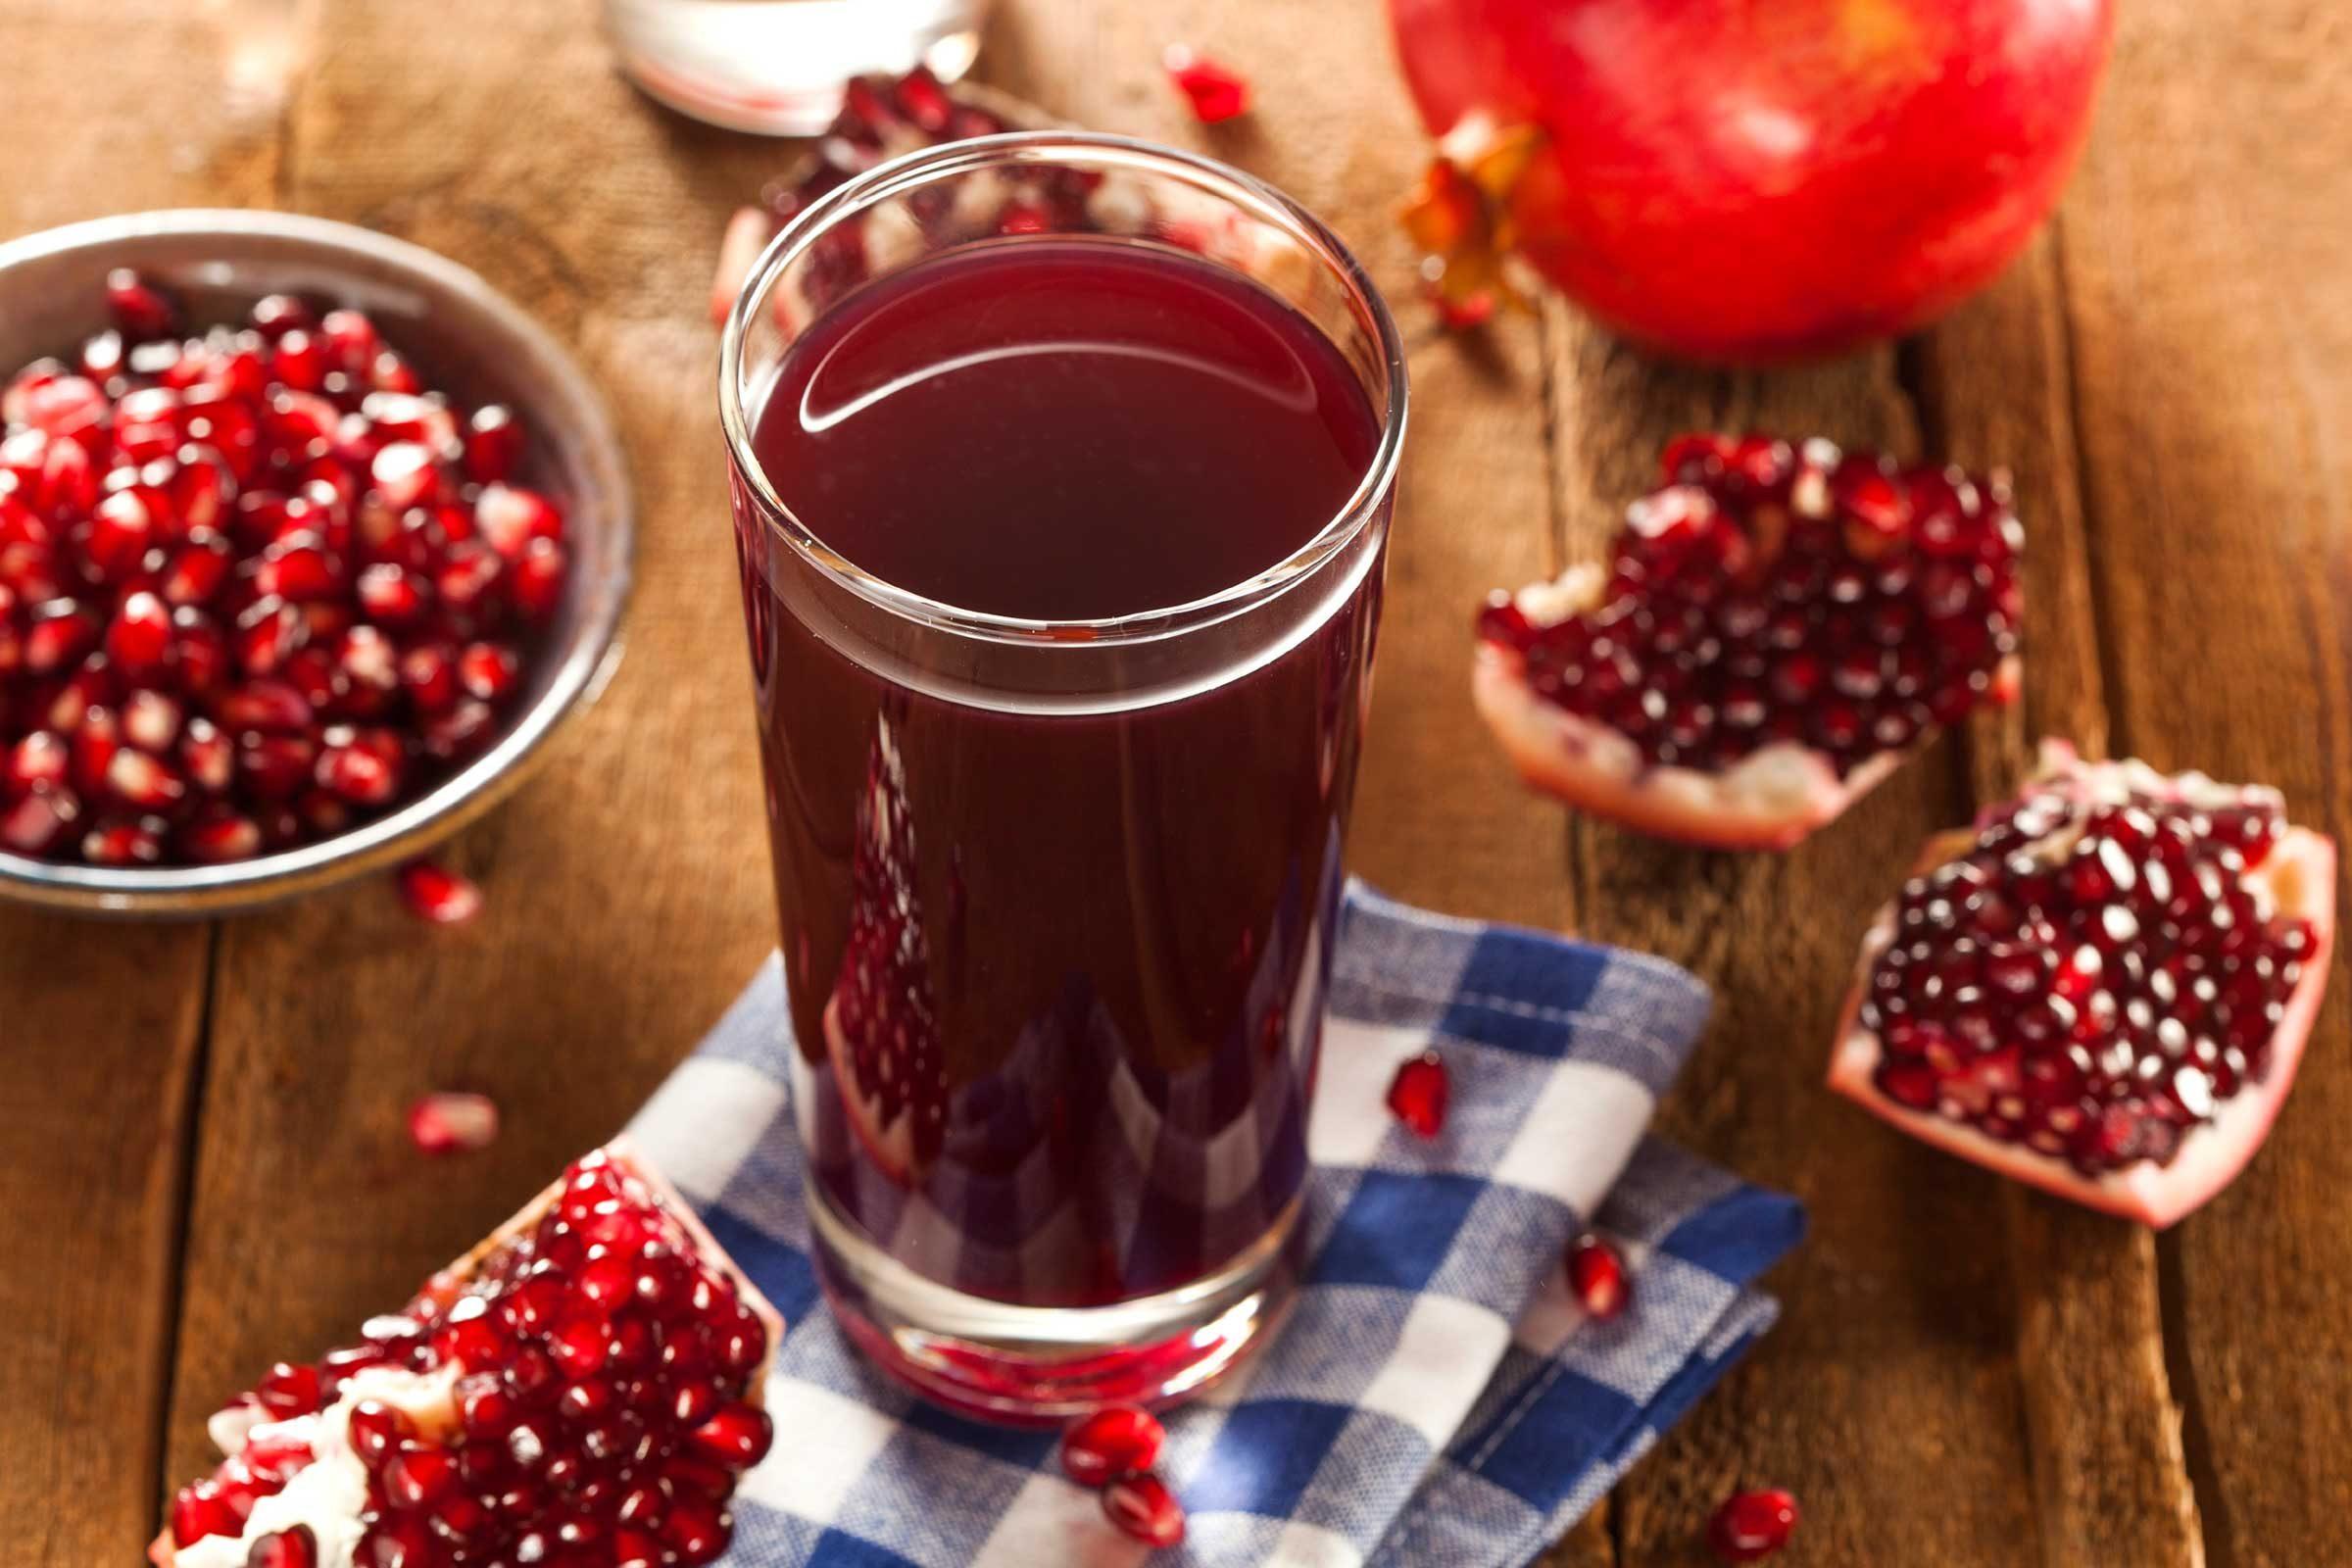 Sip pomegranate juice